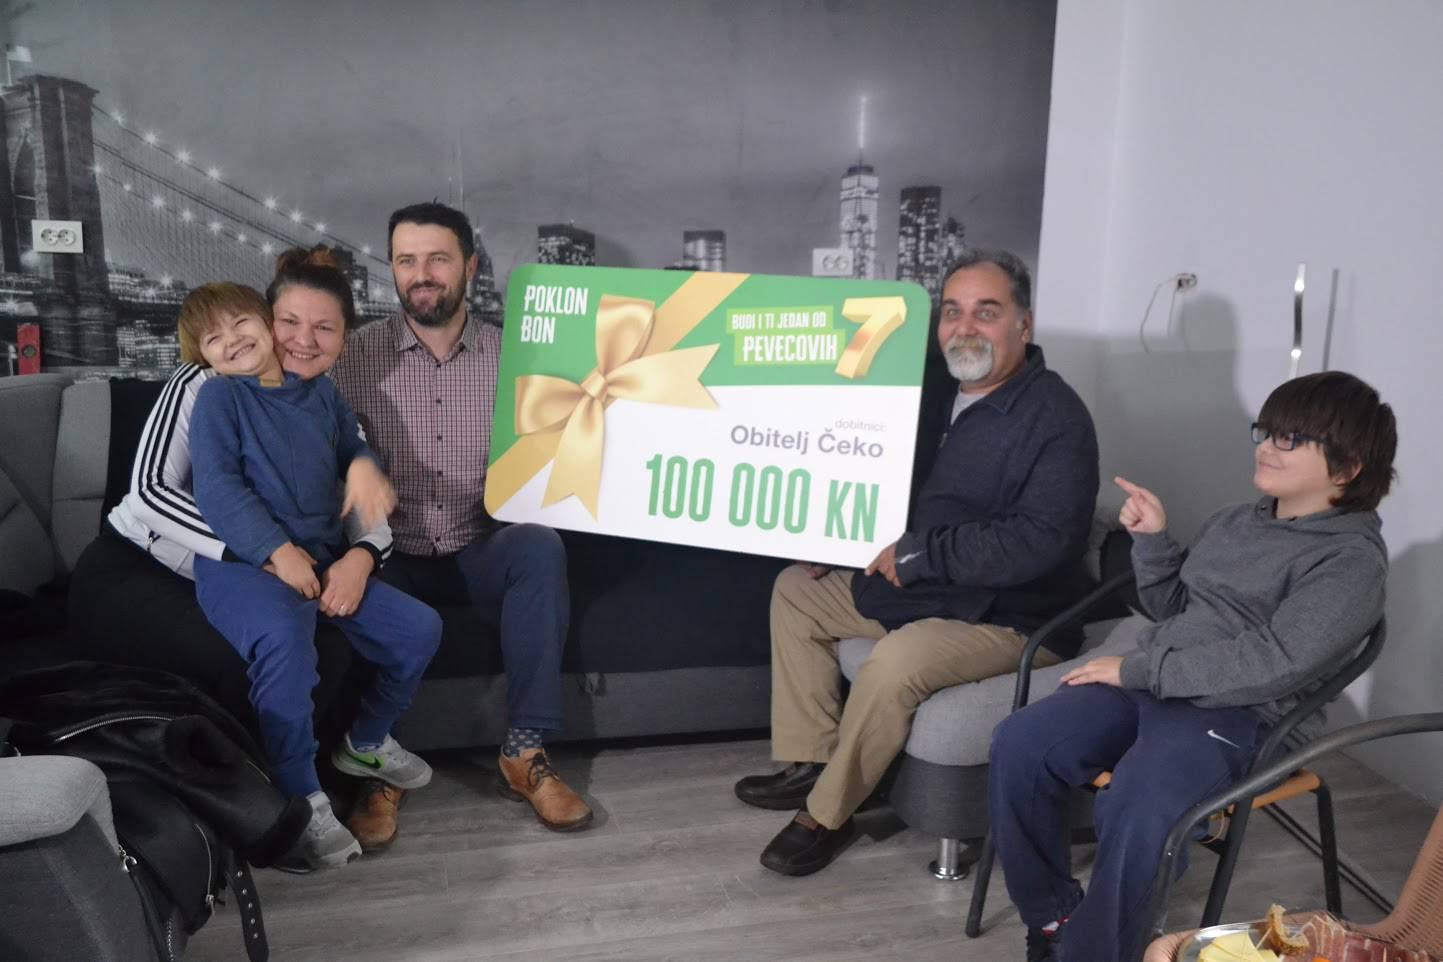 Pevecovih 100.000 kuna odlazi na uređenje obiteljskog doma